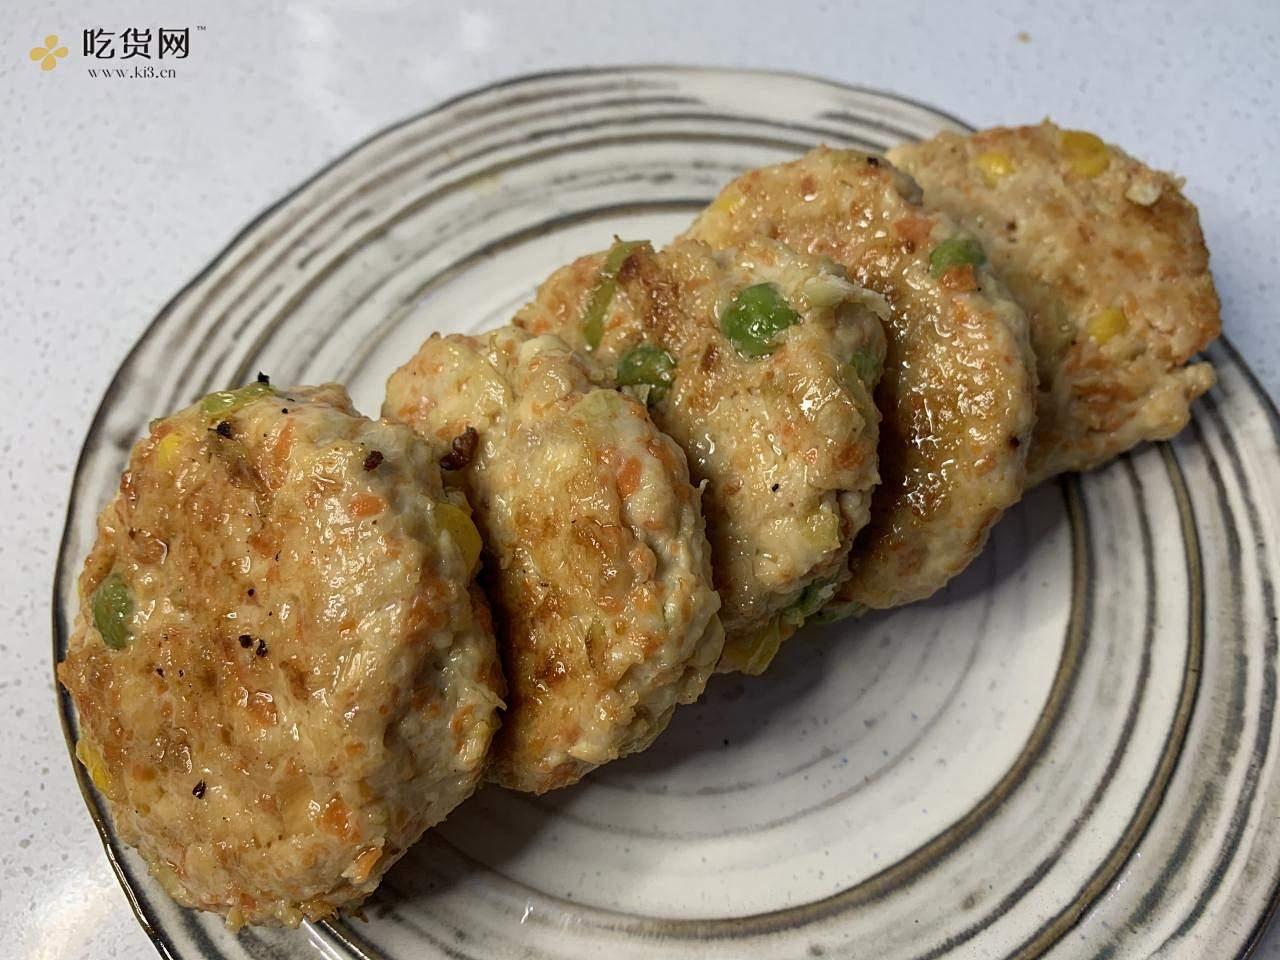 鸡胸饼的做法 步骤12